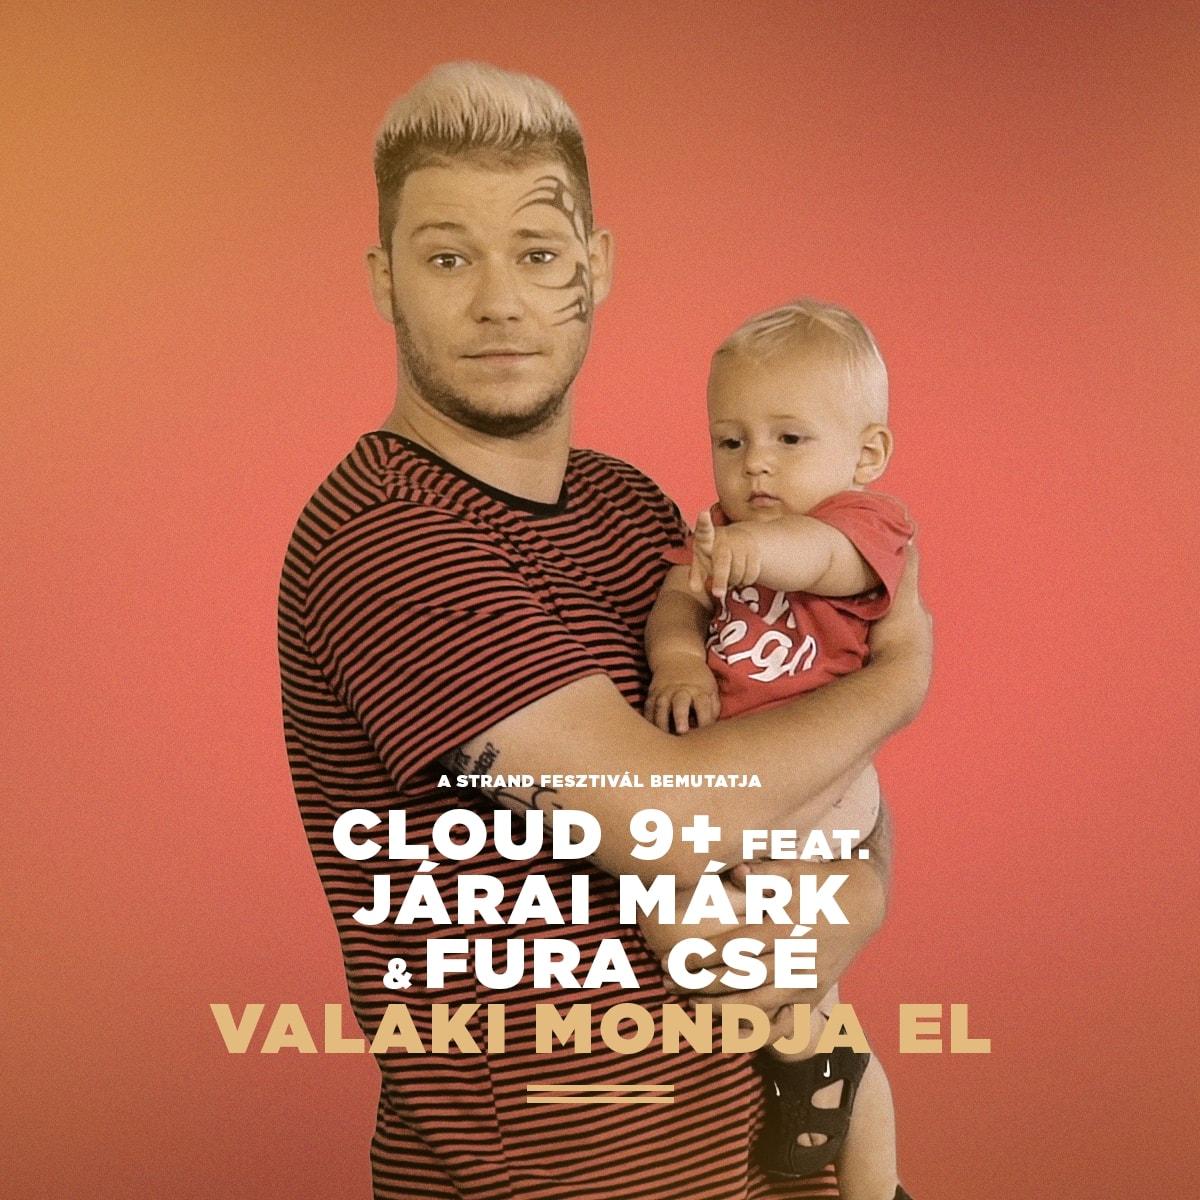 Cloud 9+ ft. Járai Márk & Fura Csé - Valaki mondja el